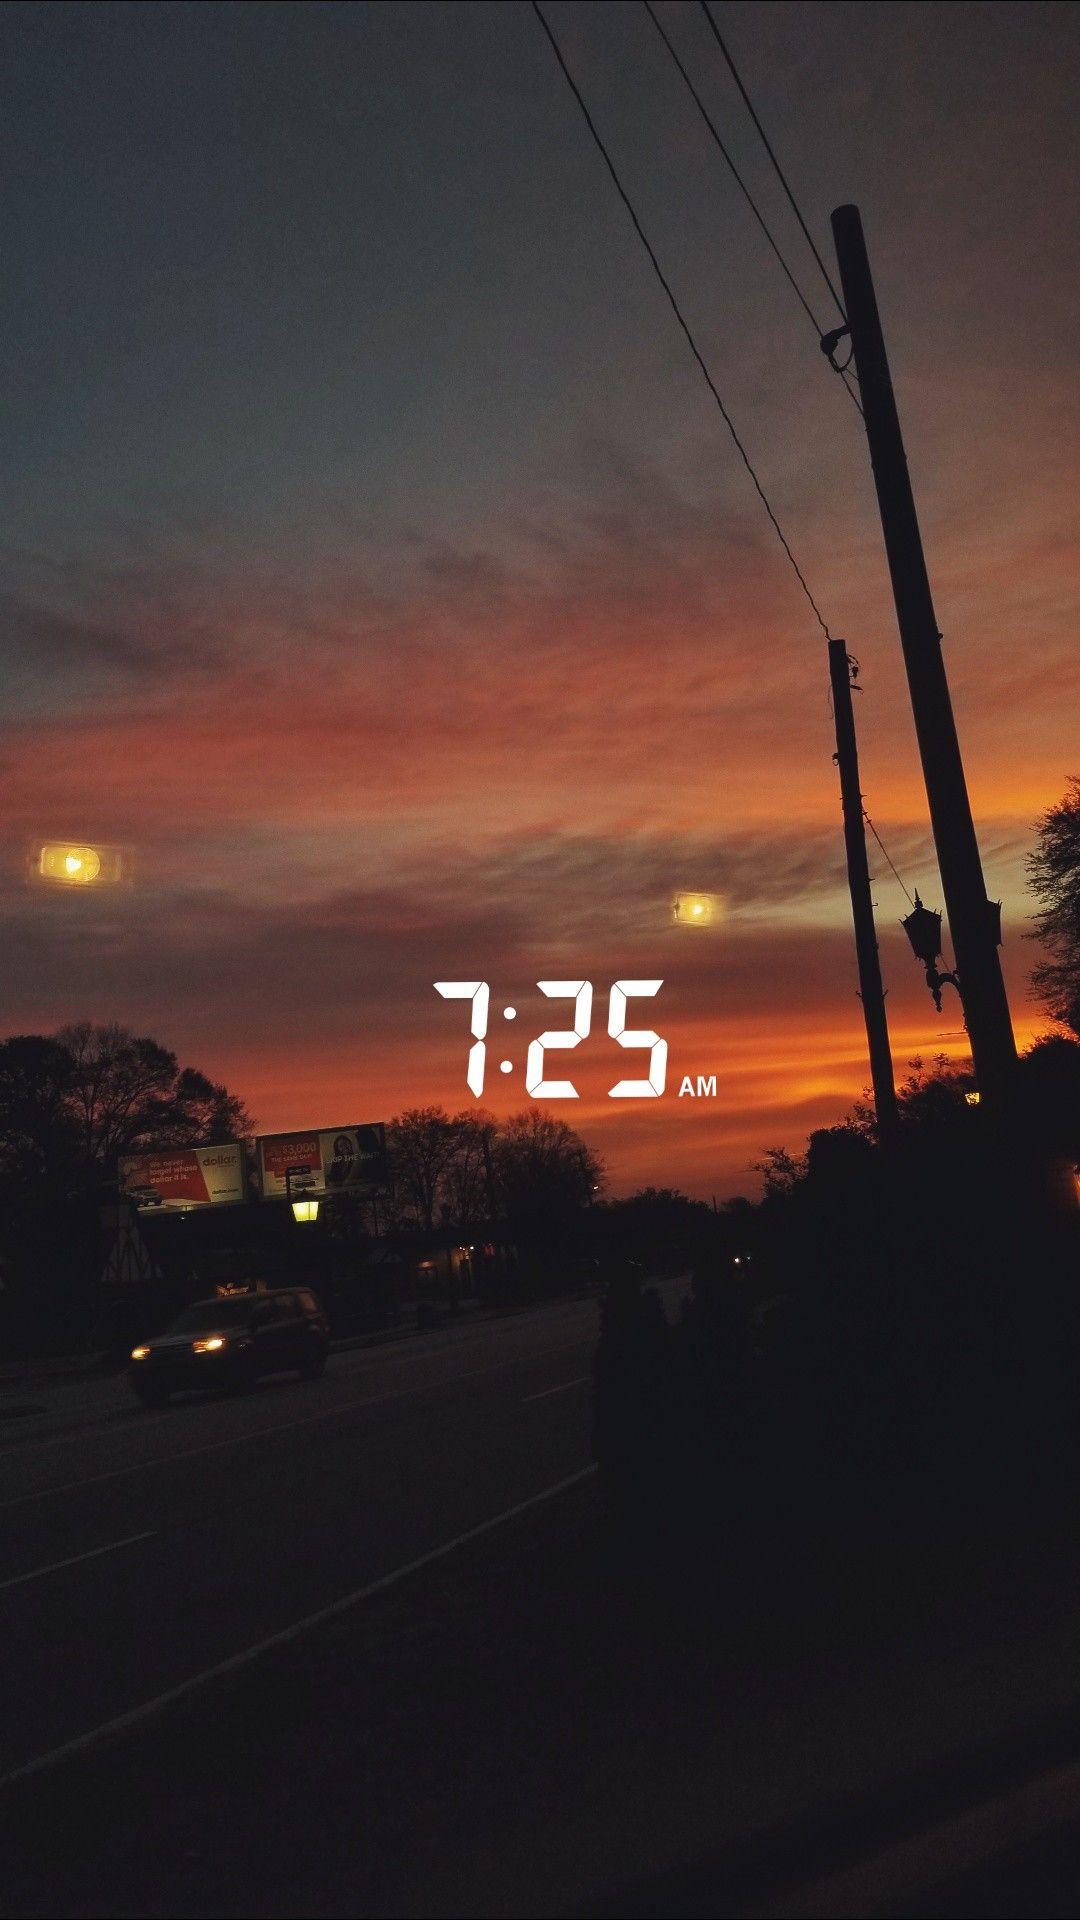 Necrphine Sky Aesthetic Photo Tumblr Iphone Wallpaper Quotes